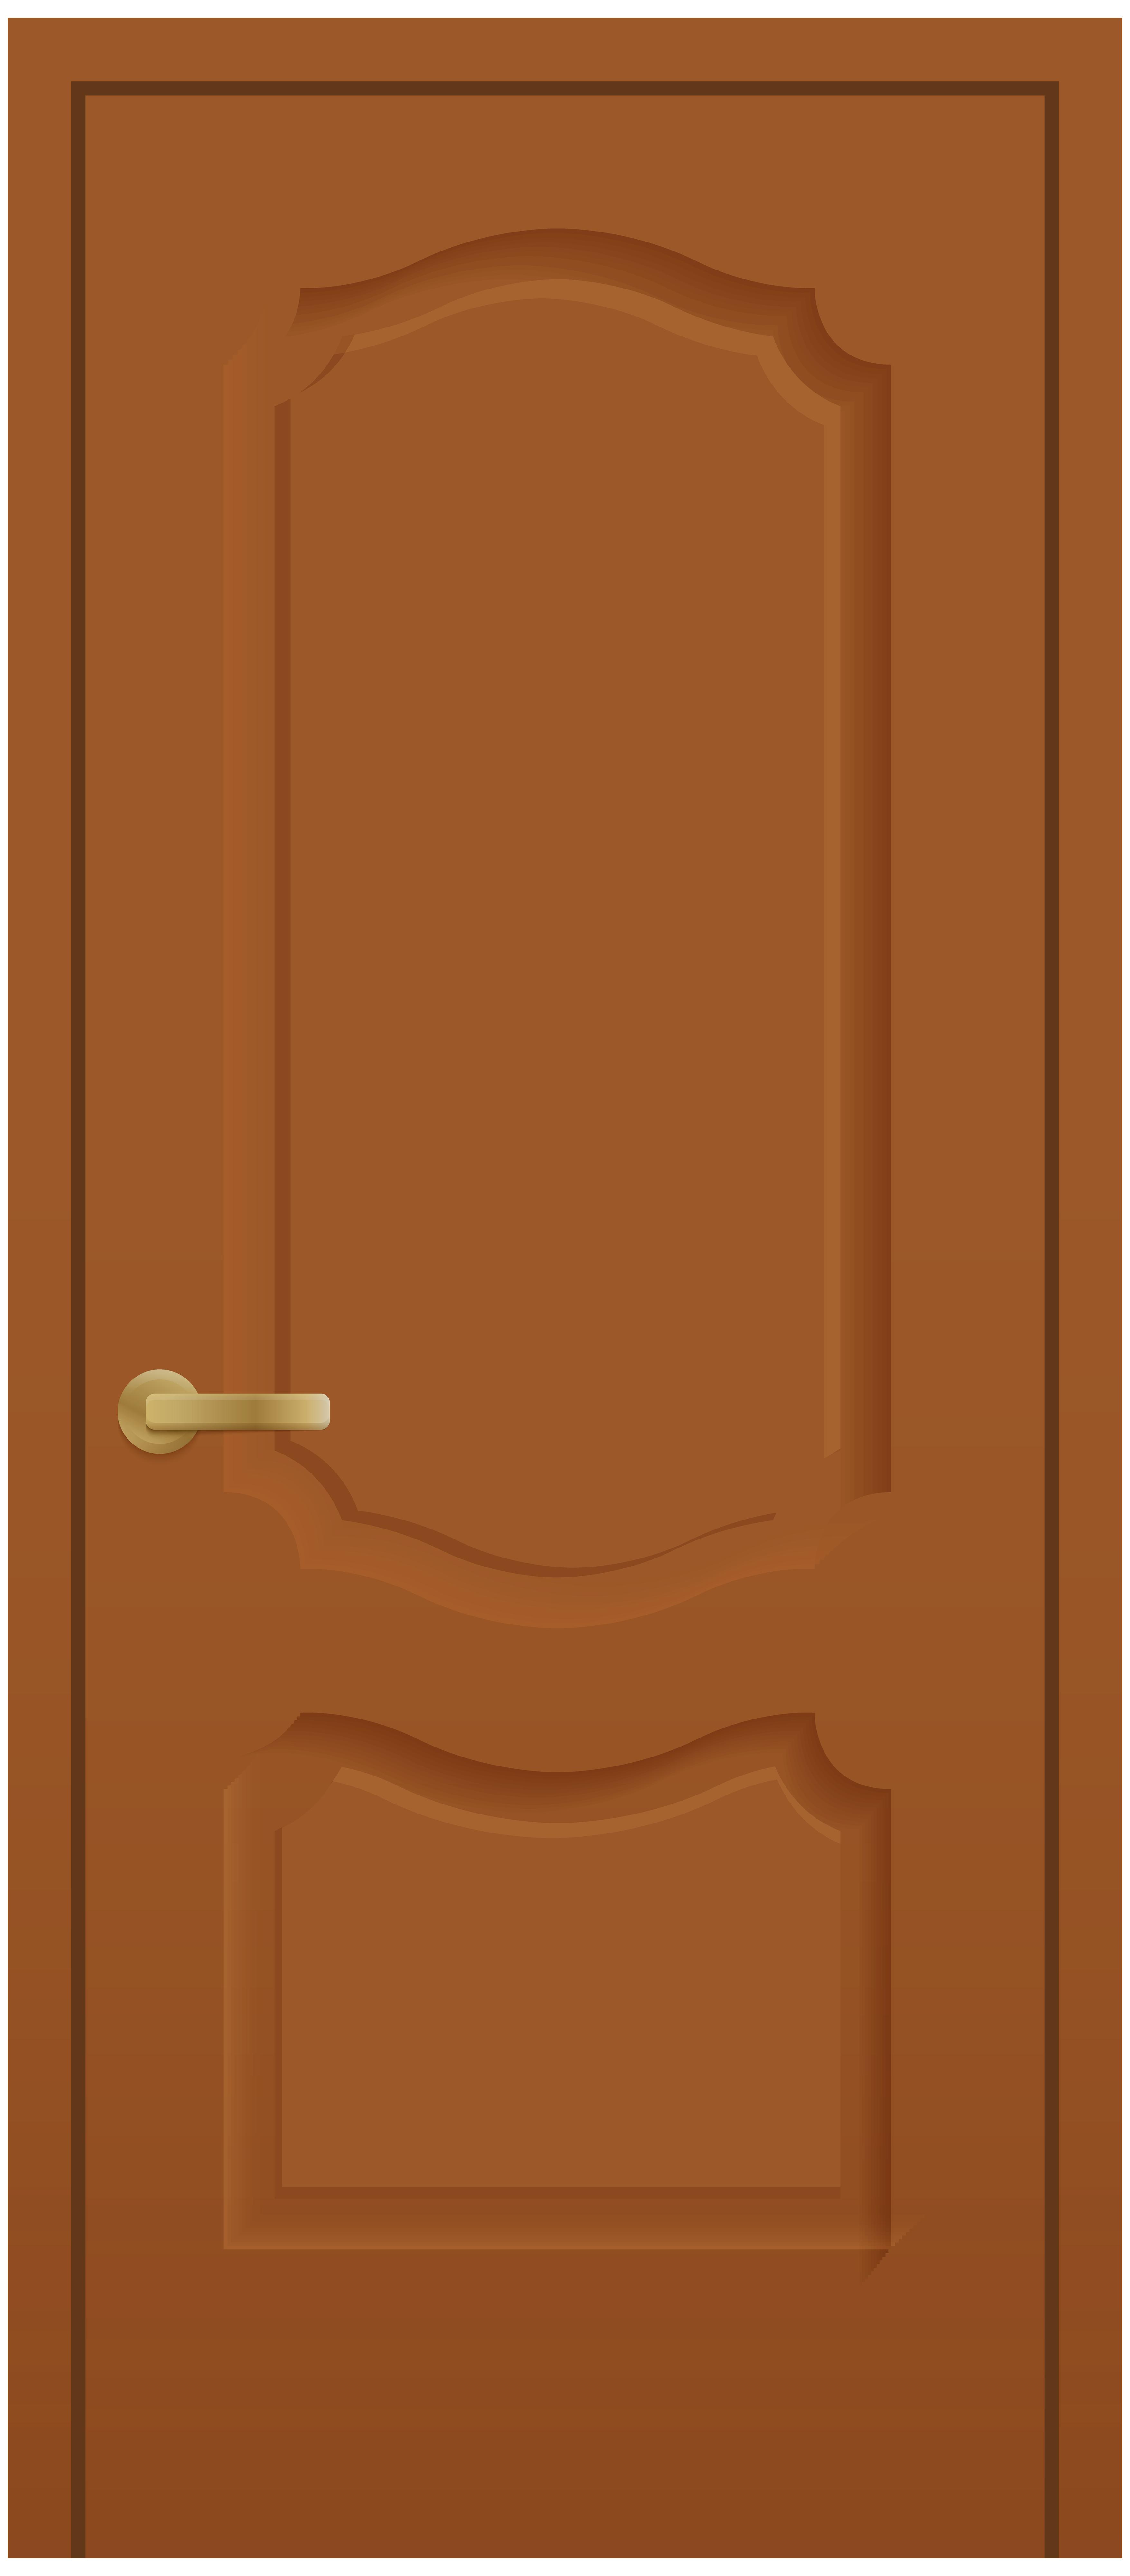 picture free download Door clipart. Png best web .